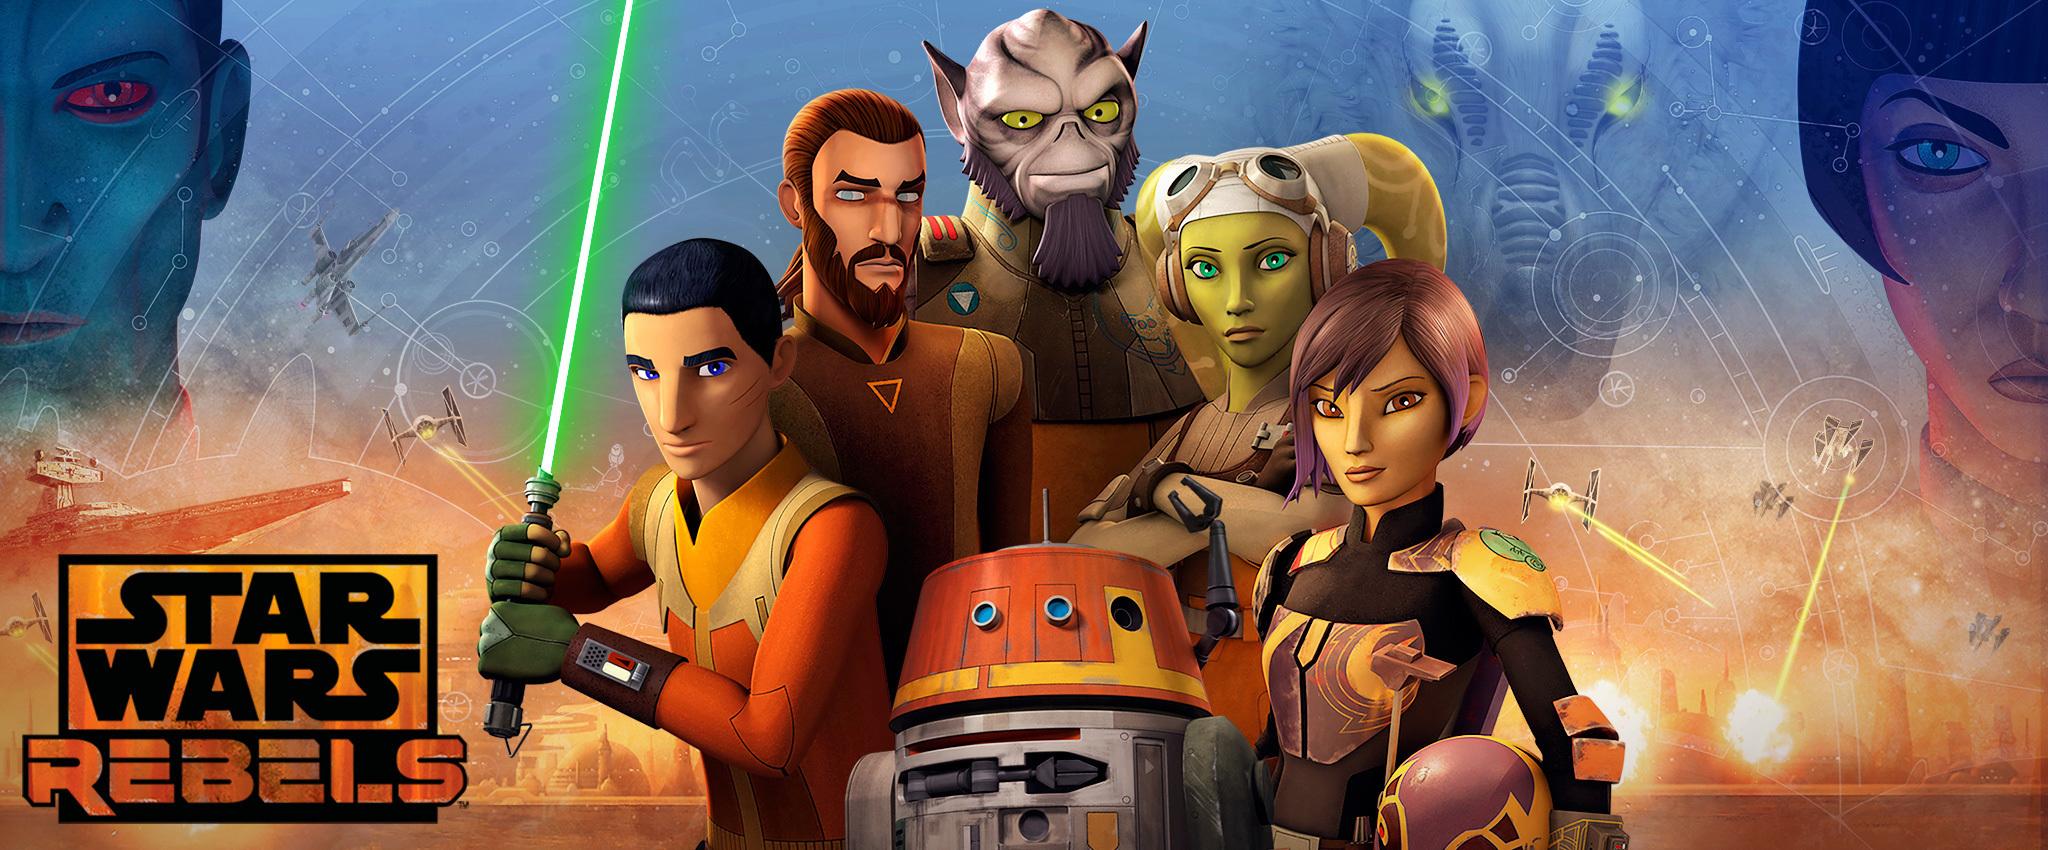 Véleménycikk: Miért is volt jó a Star Wars Rebels....